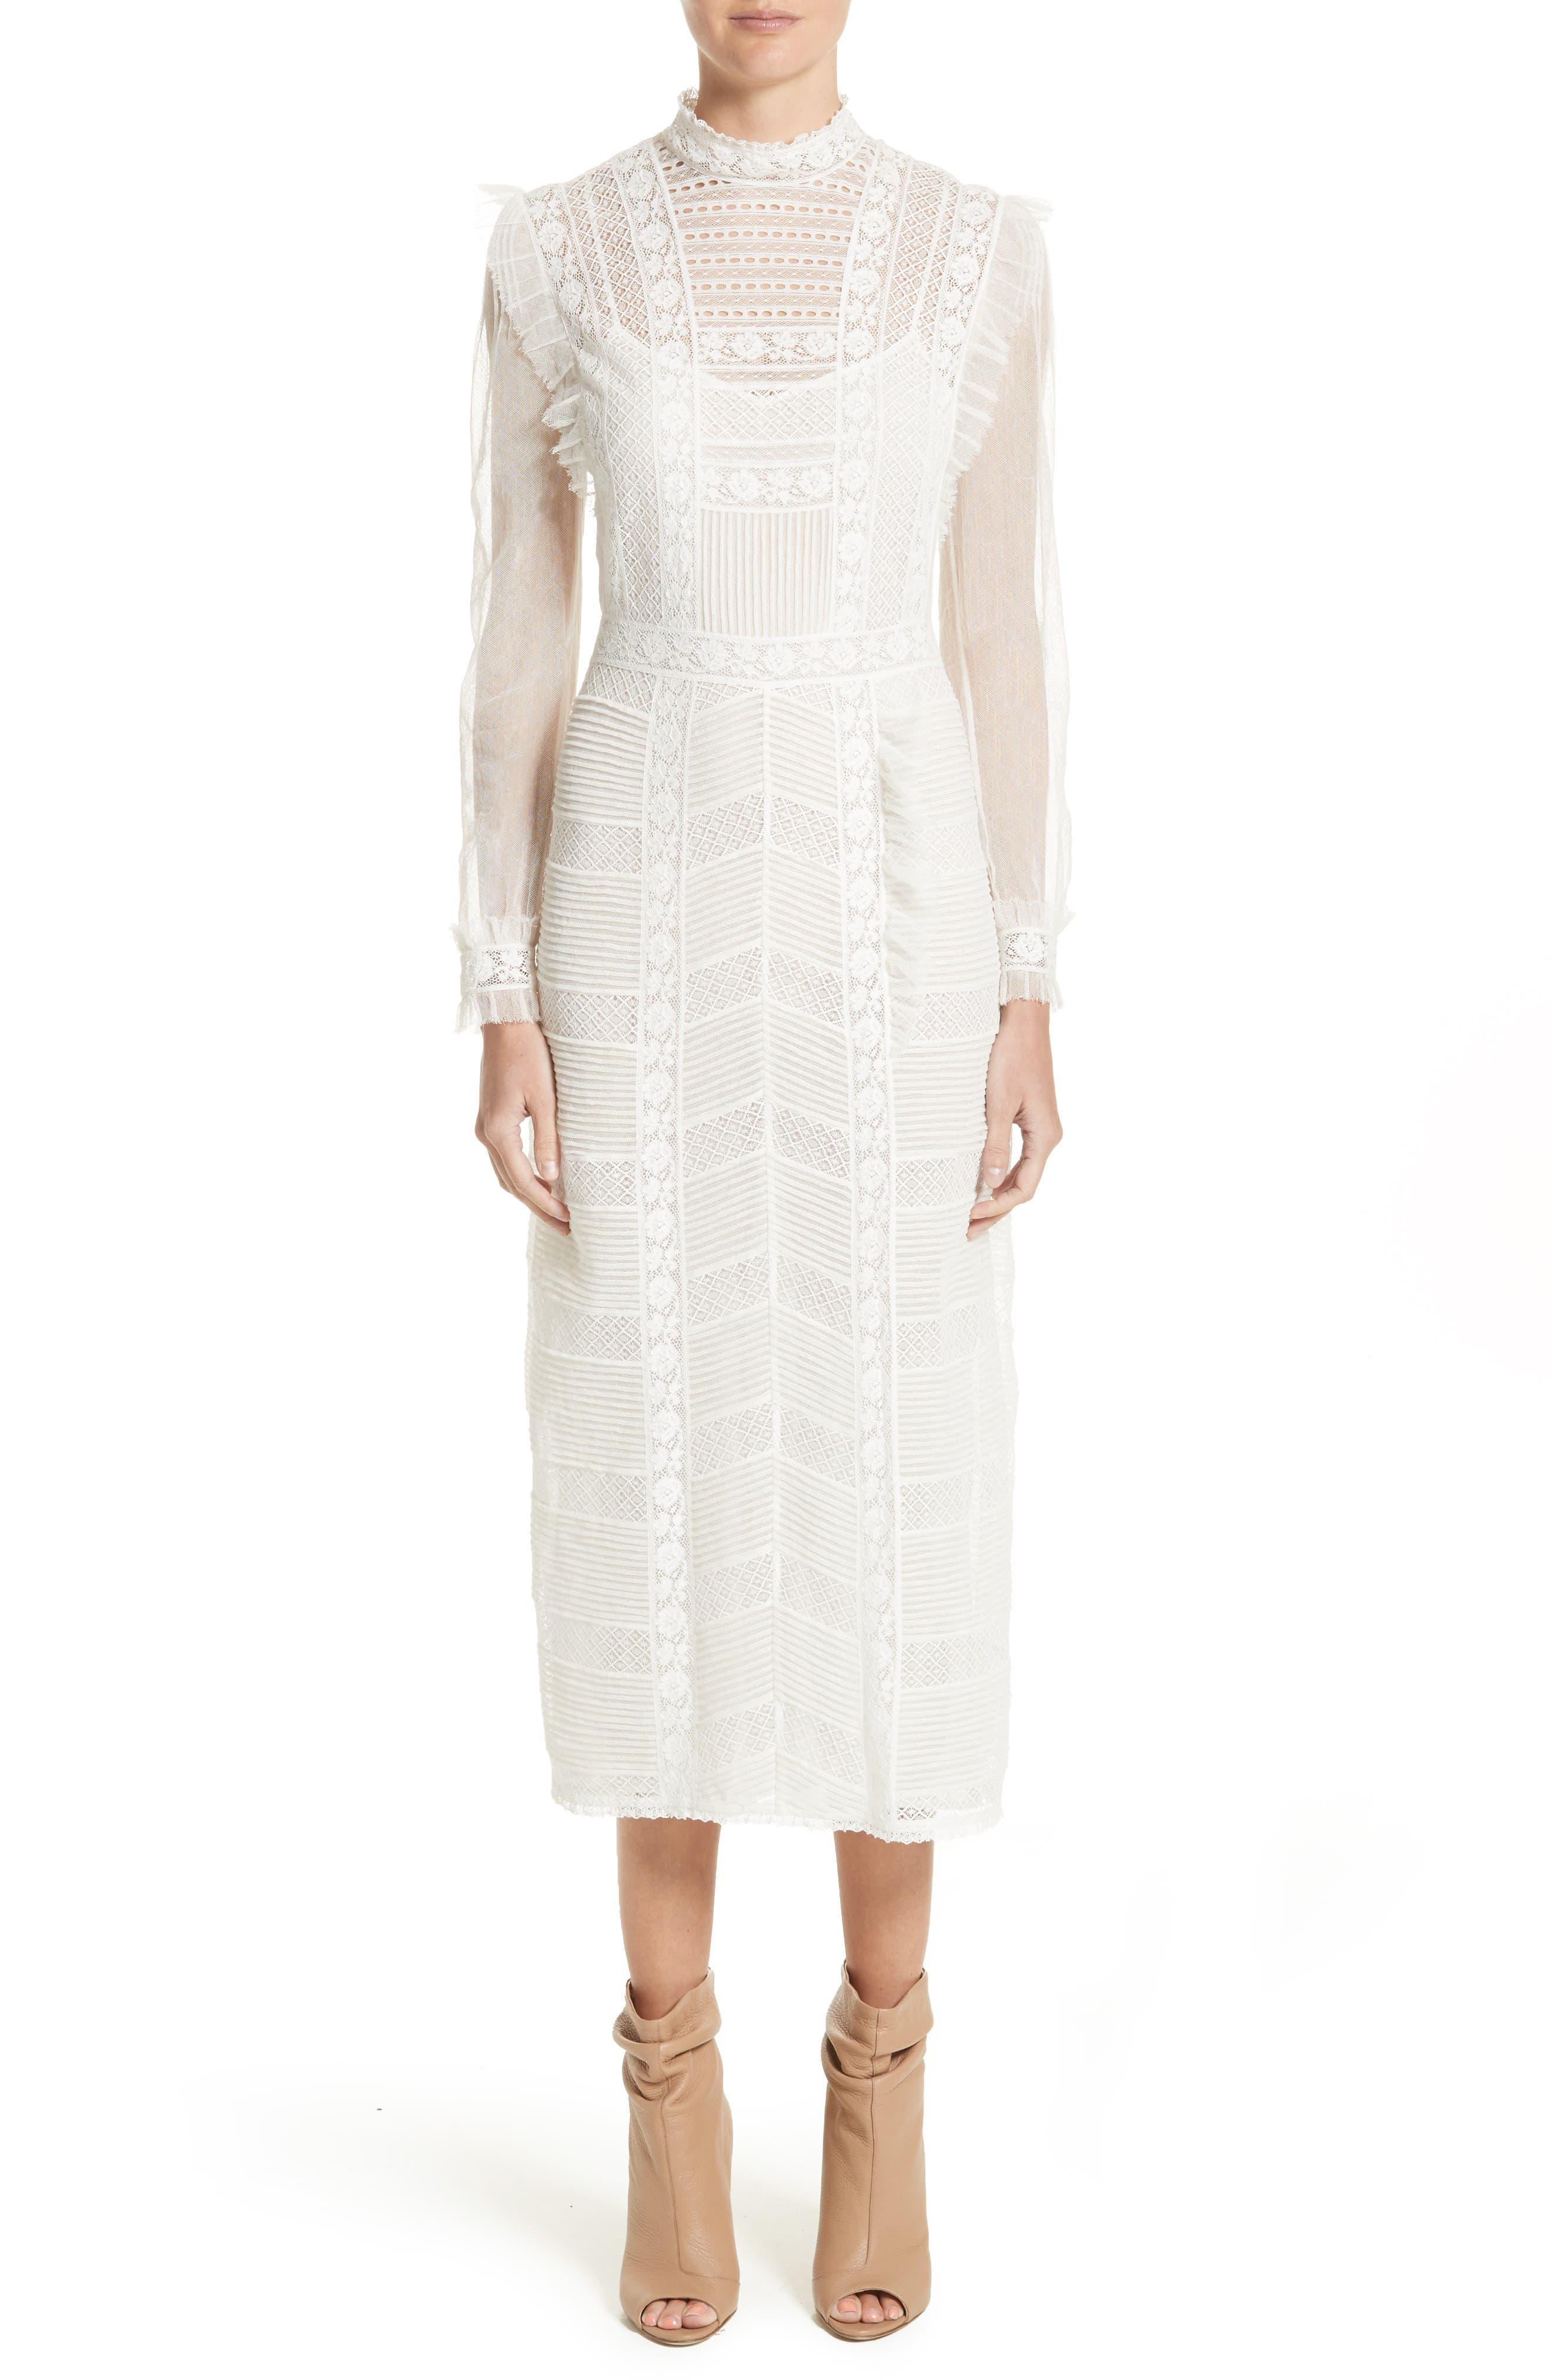 Burberry Chanella Lace Midi Dress